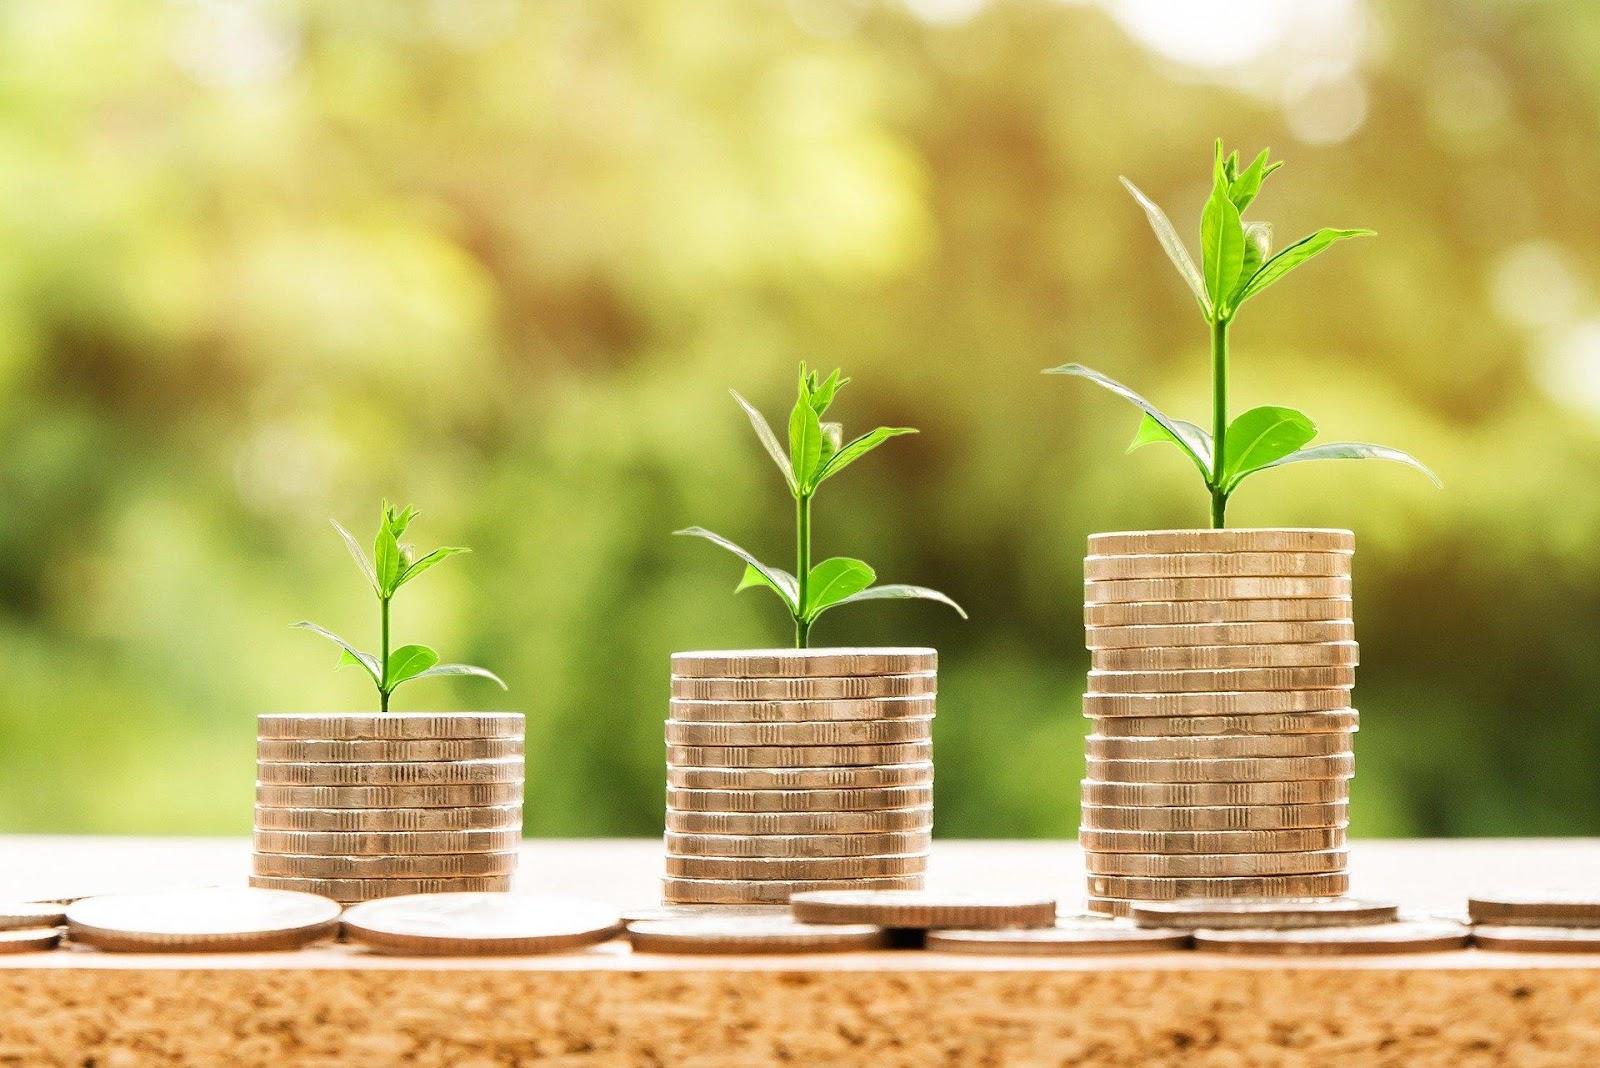 Le pilier économique dans le développement durable